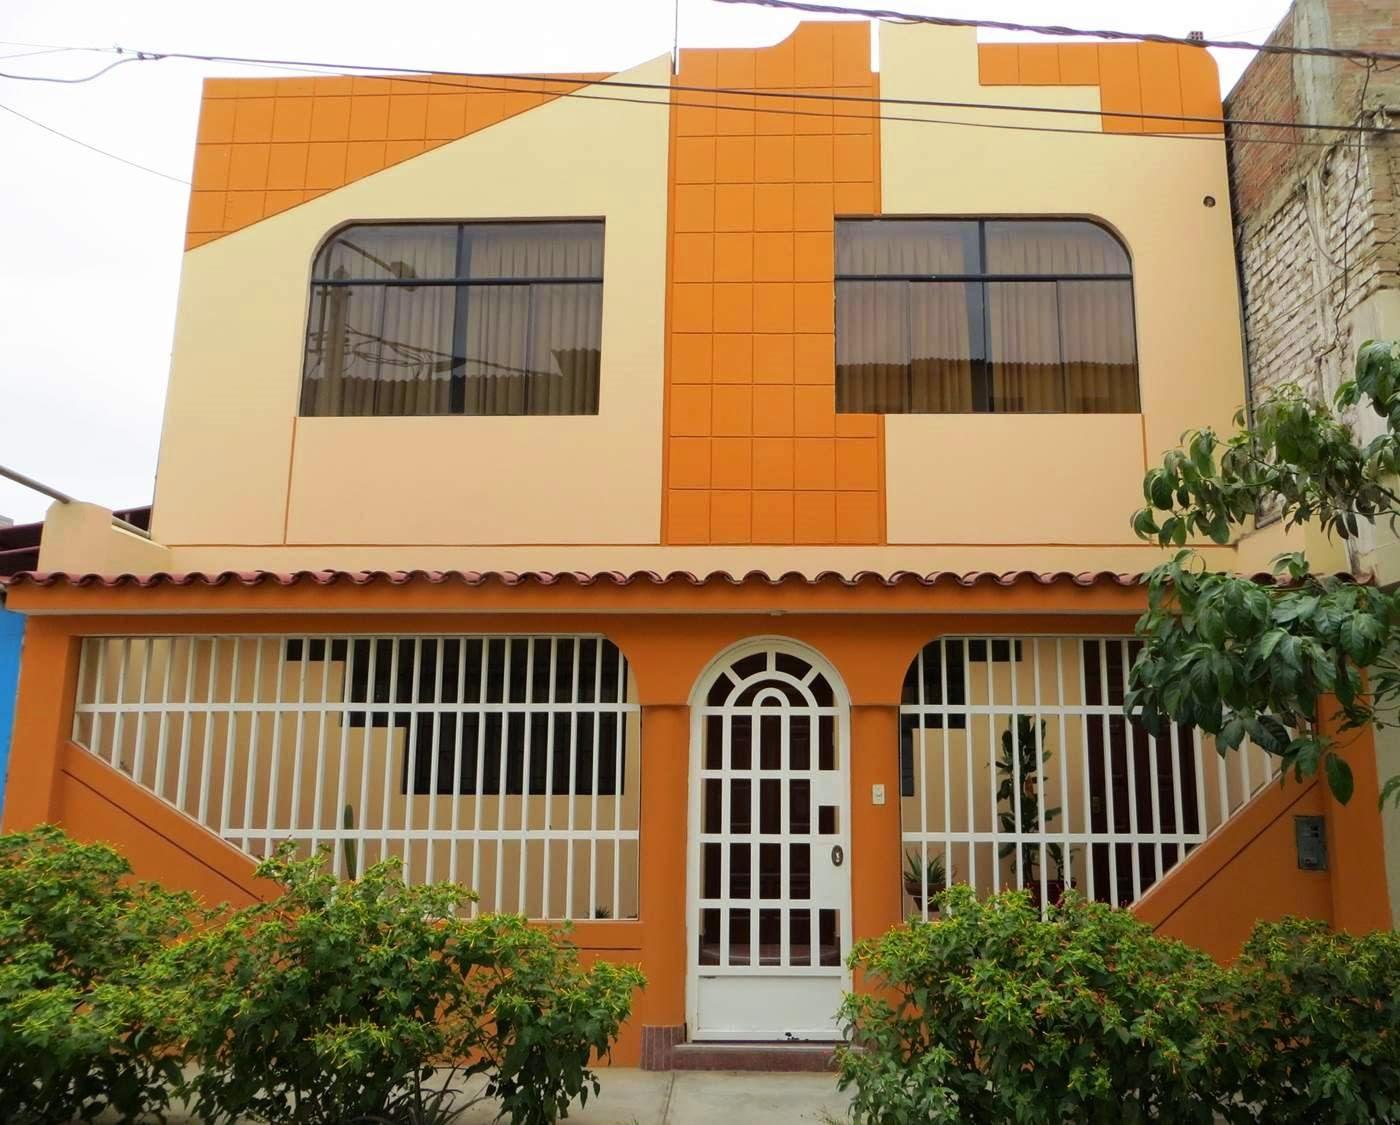 Fachadas y casas noviembre 2014 for Casa de una planta sencilla